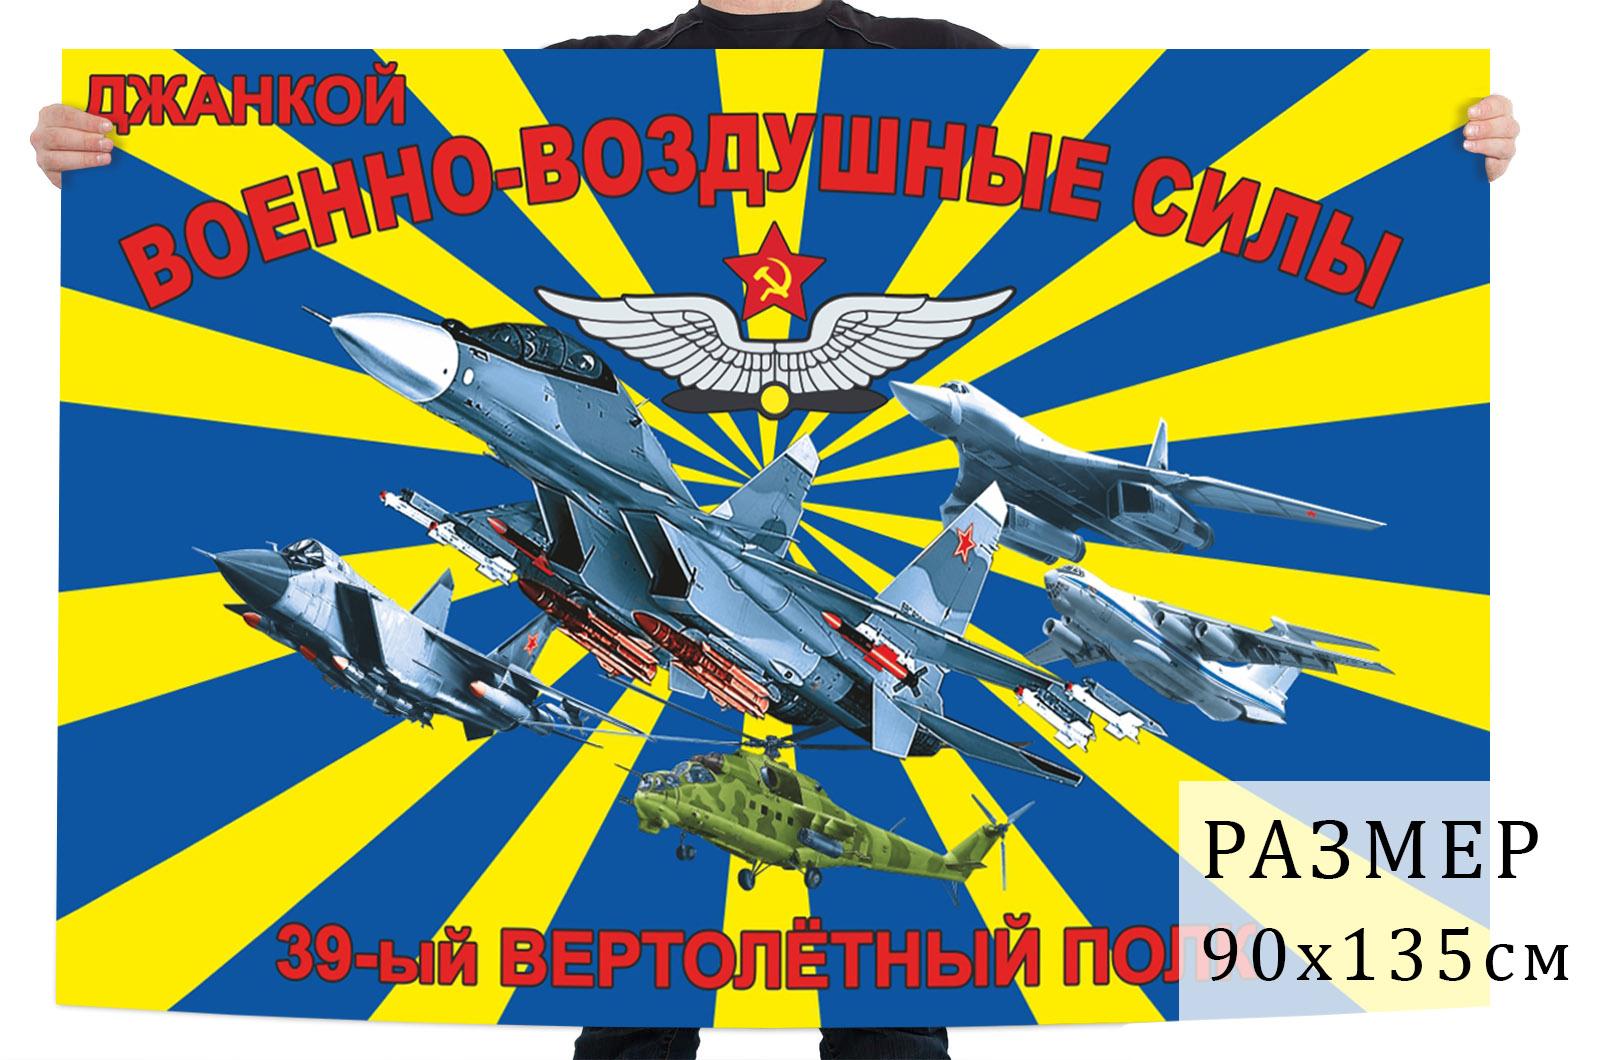 Купить флаг 39-го вертолетного полка Джанкой